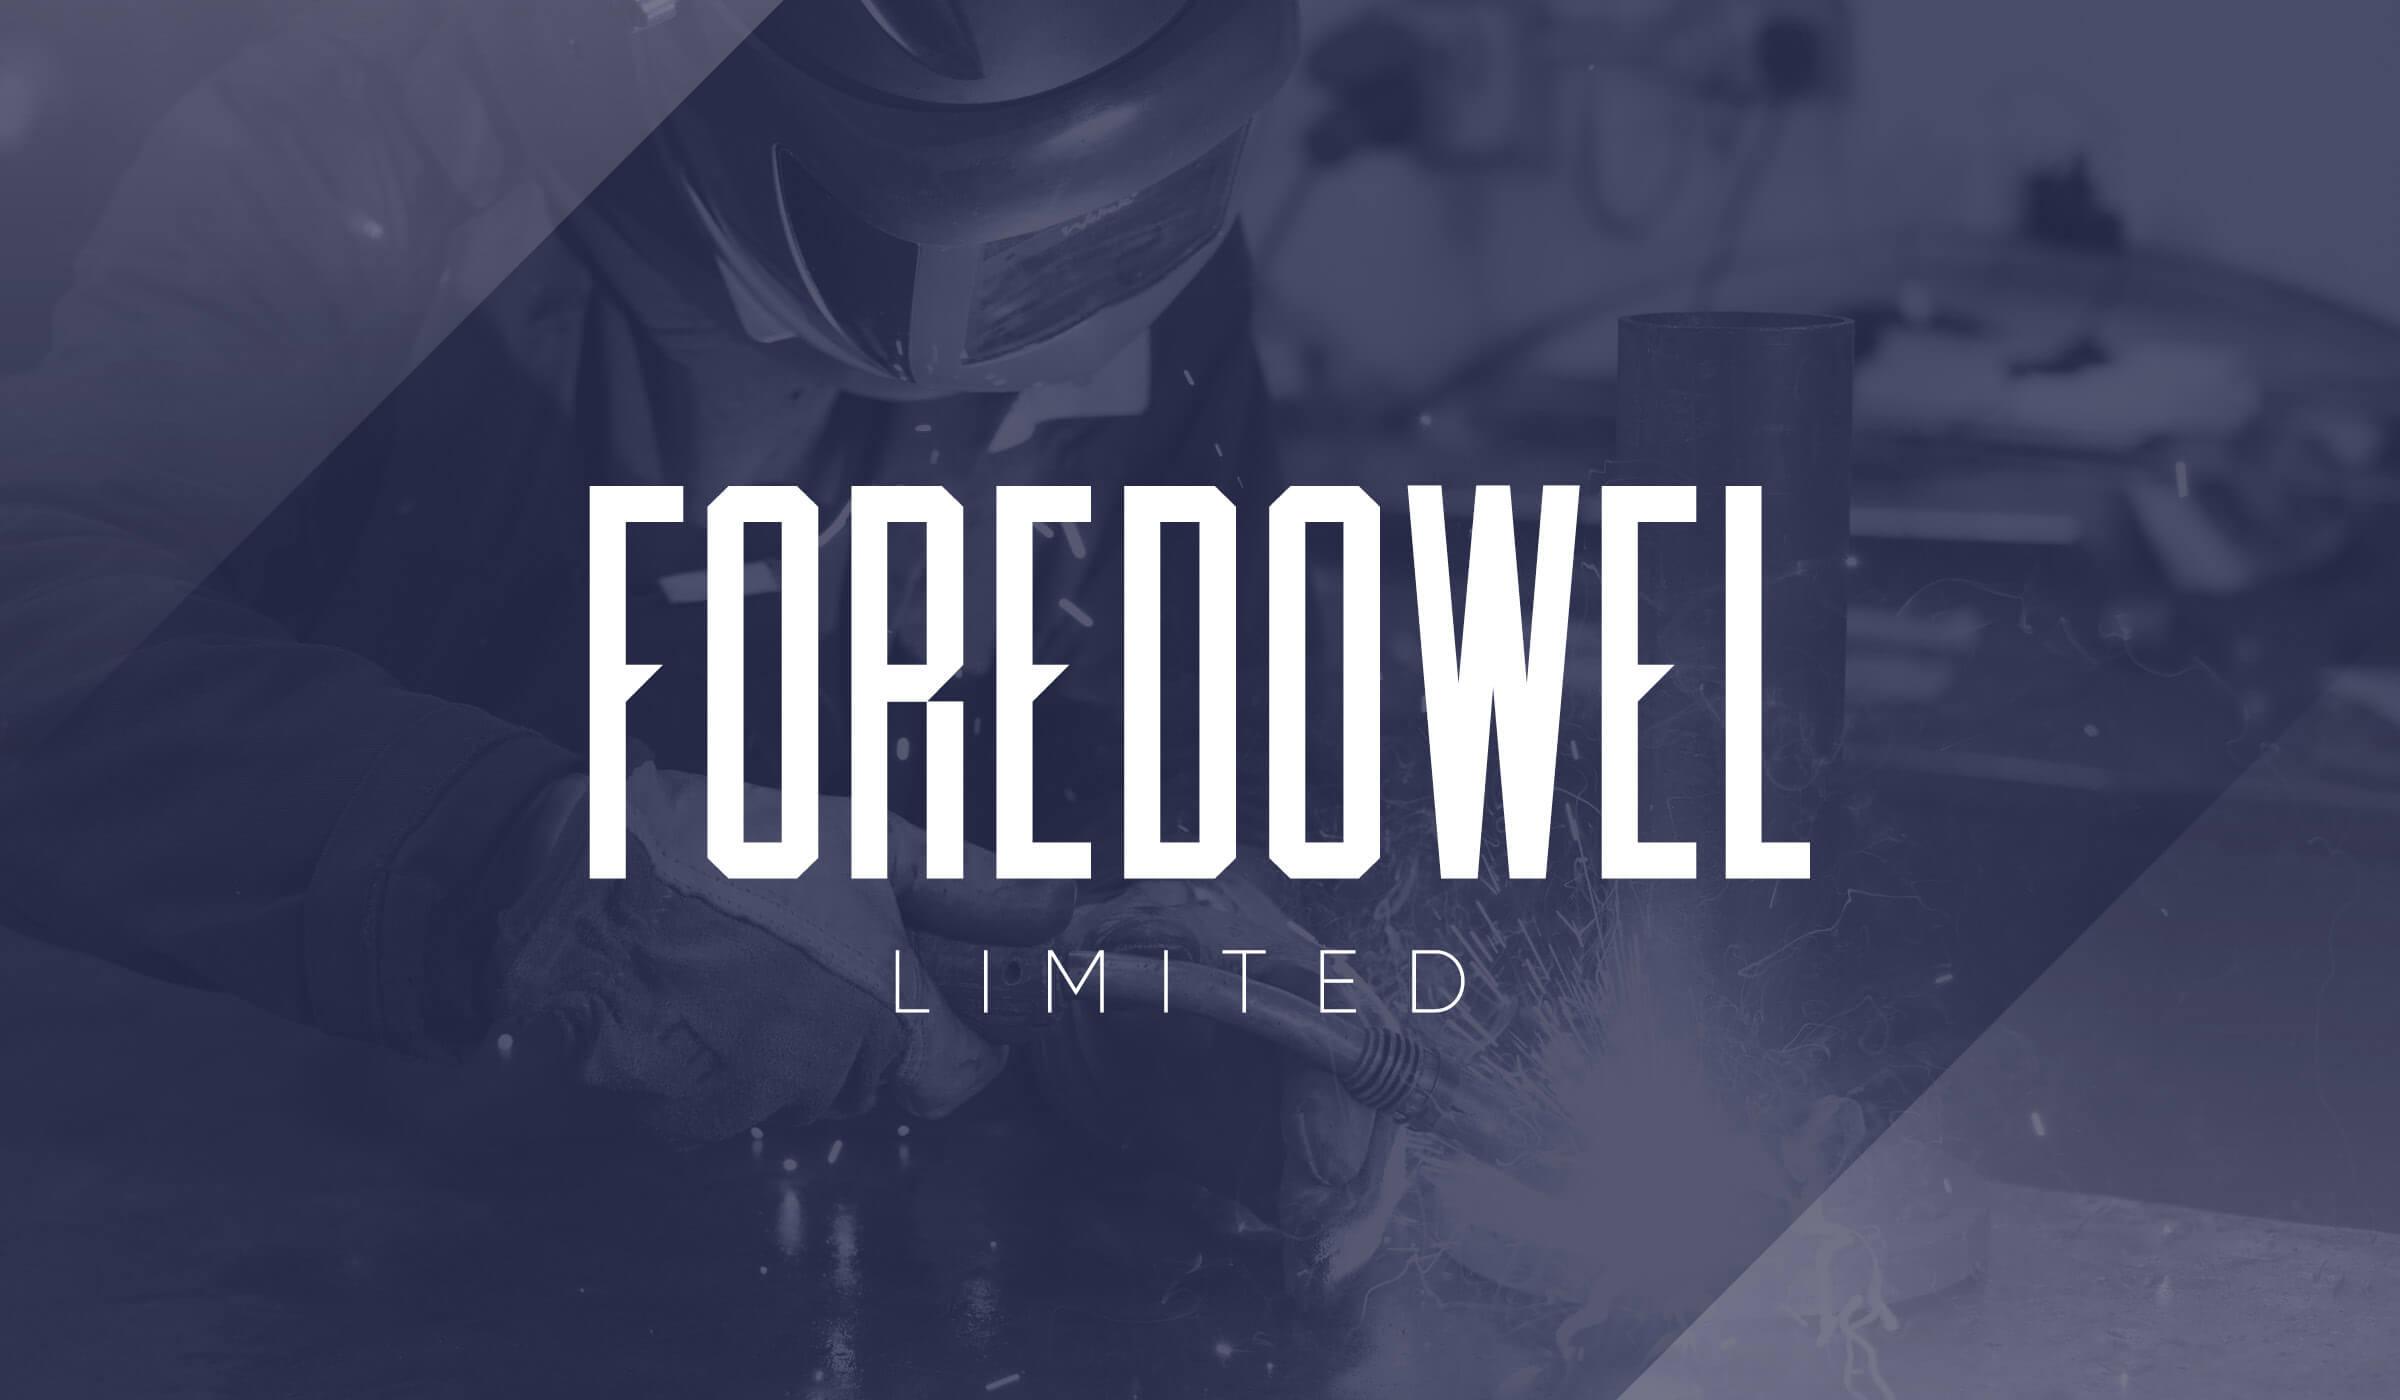 Foredowel logo design